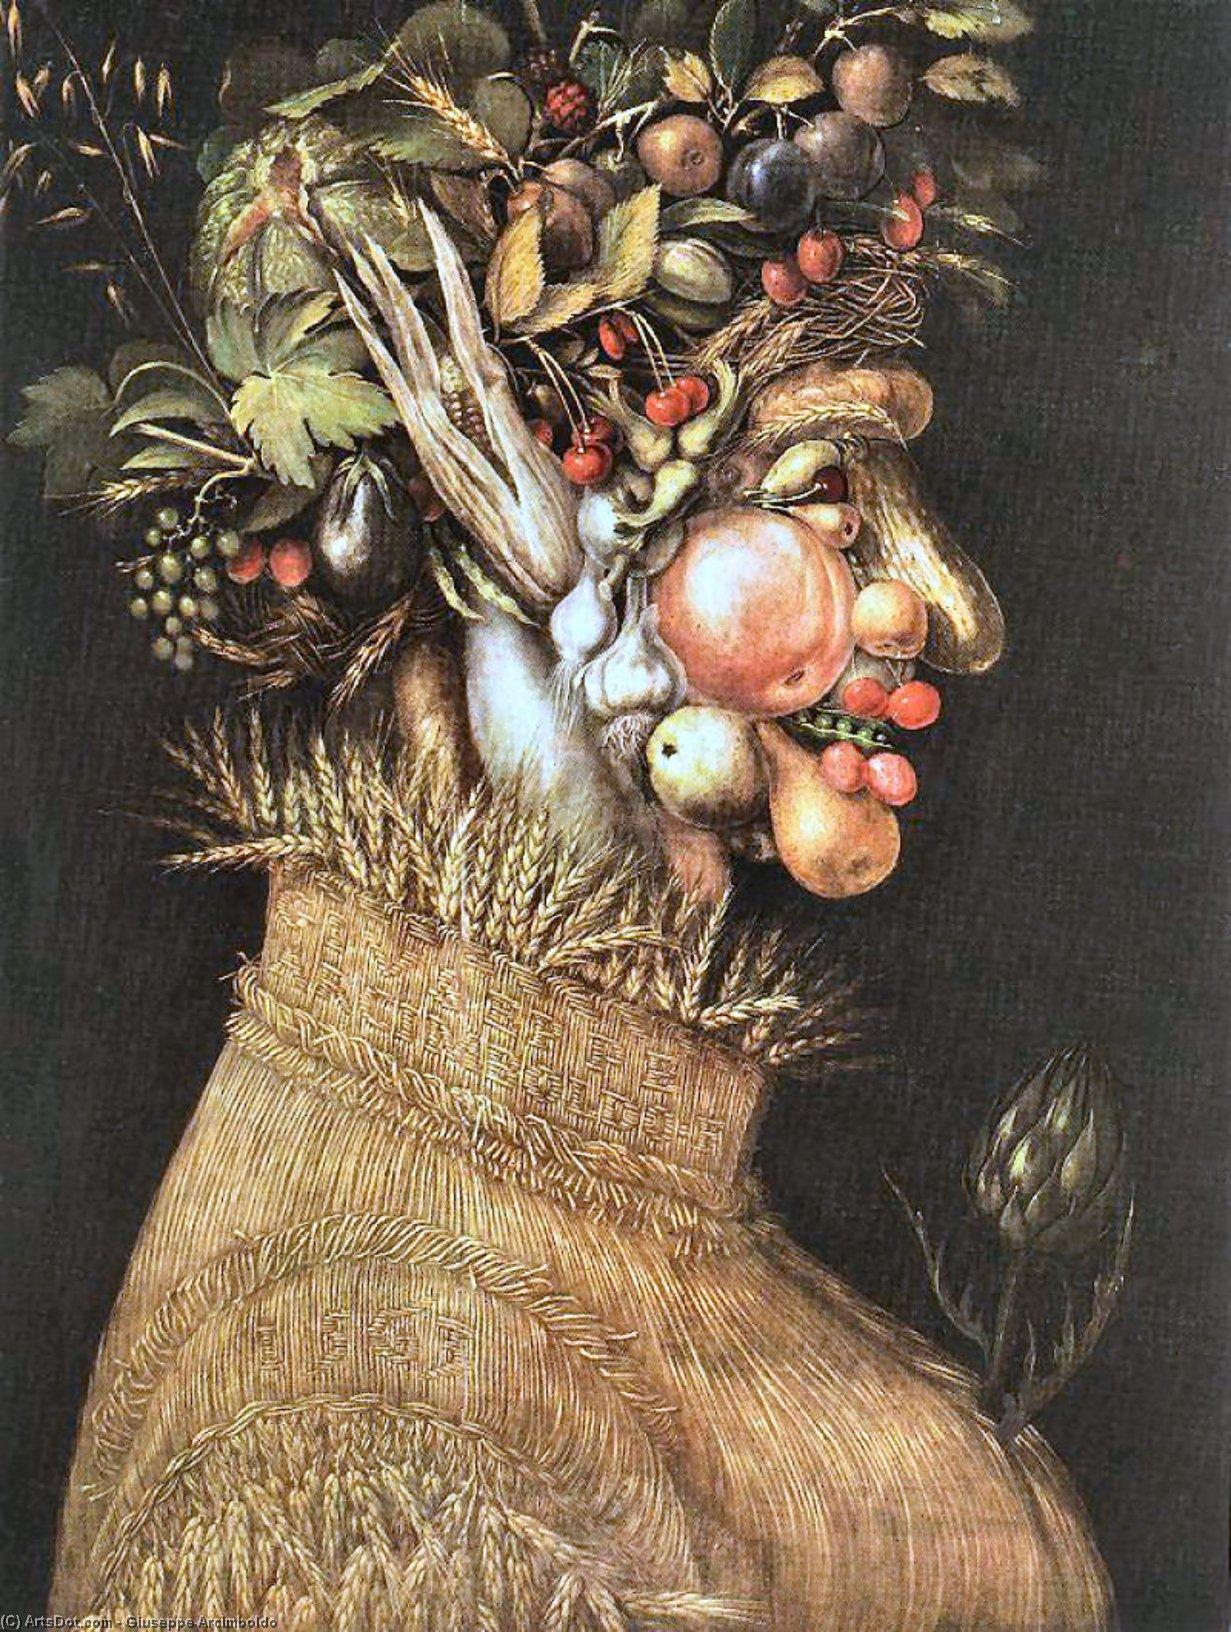 WikiOO.org - Güzel Sanatlar Ansiklopedisi - Resim, Resimler Giuseppe Arcimboldo - Summer 1